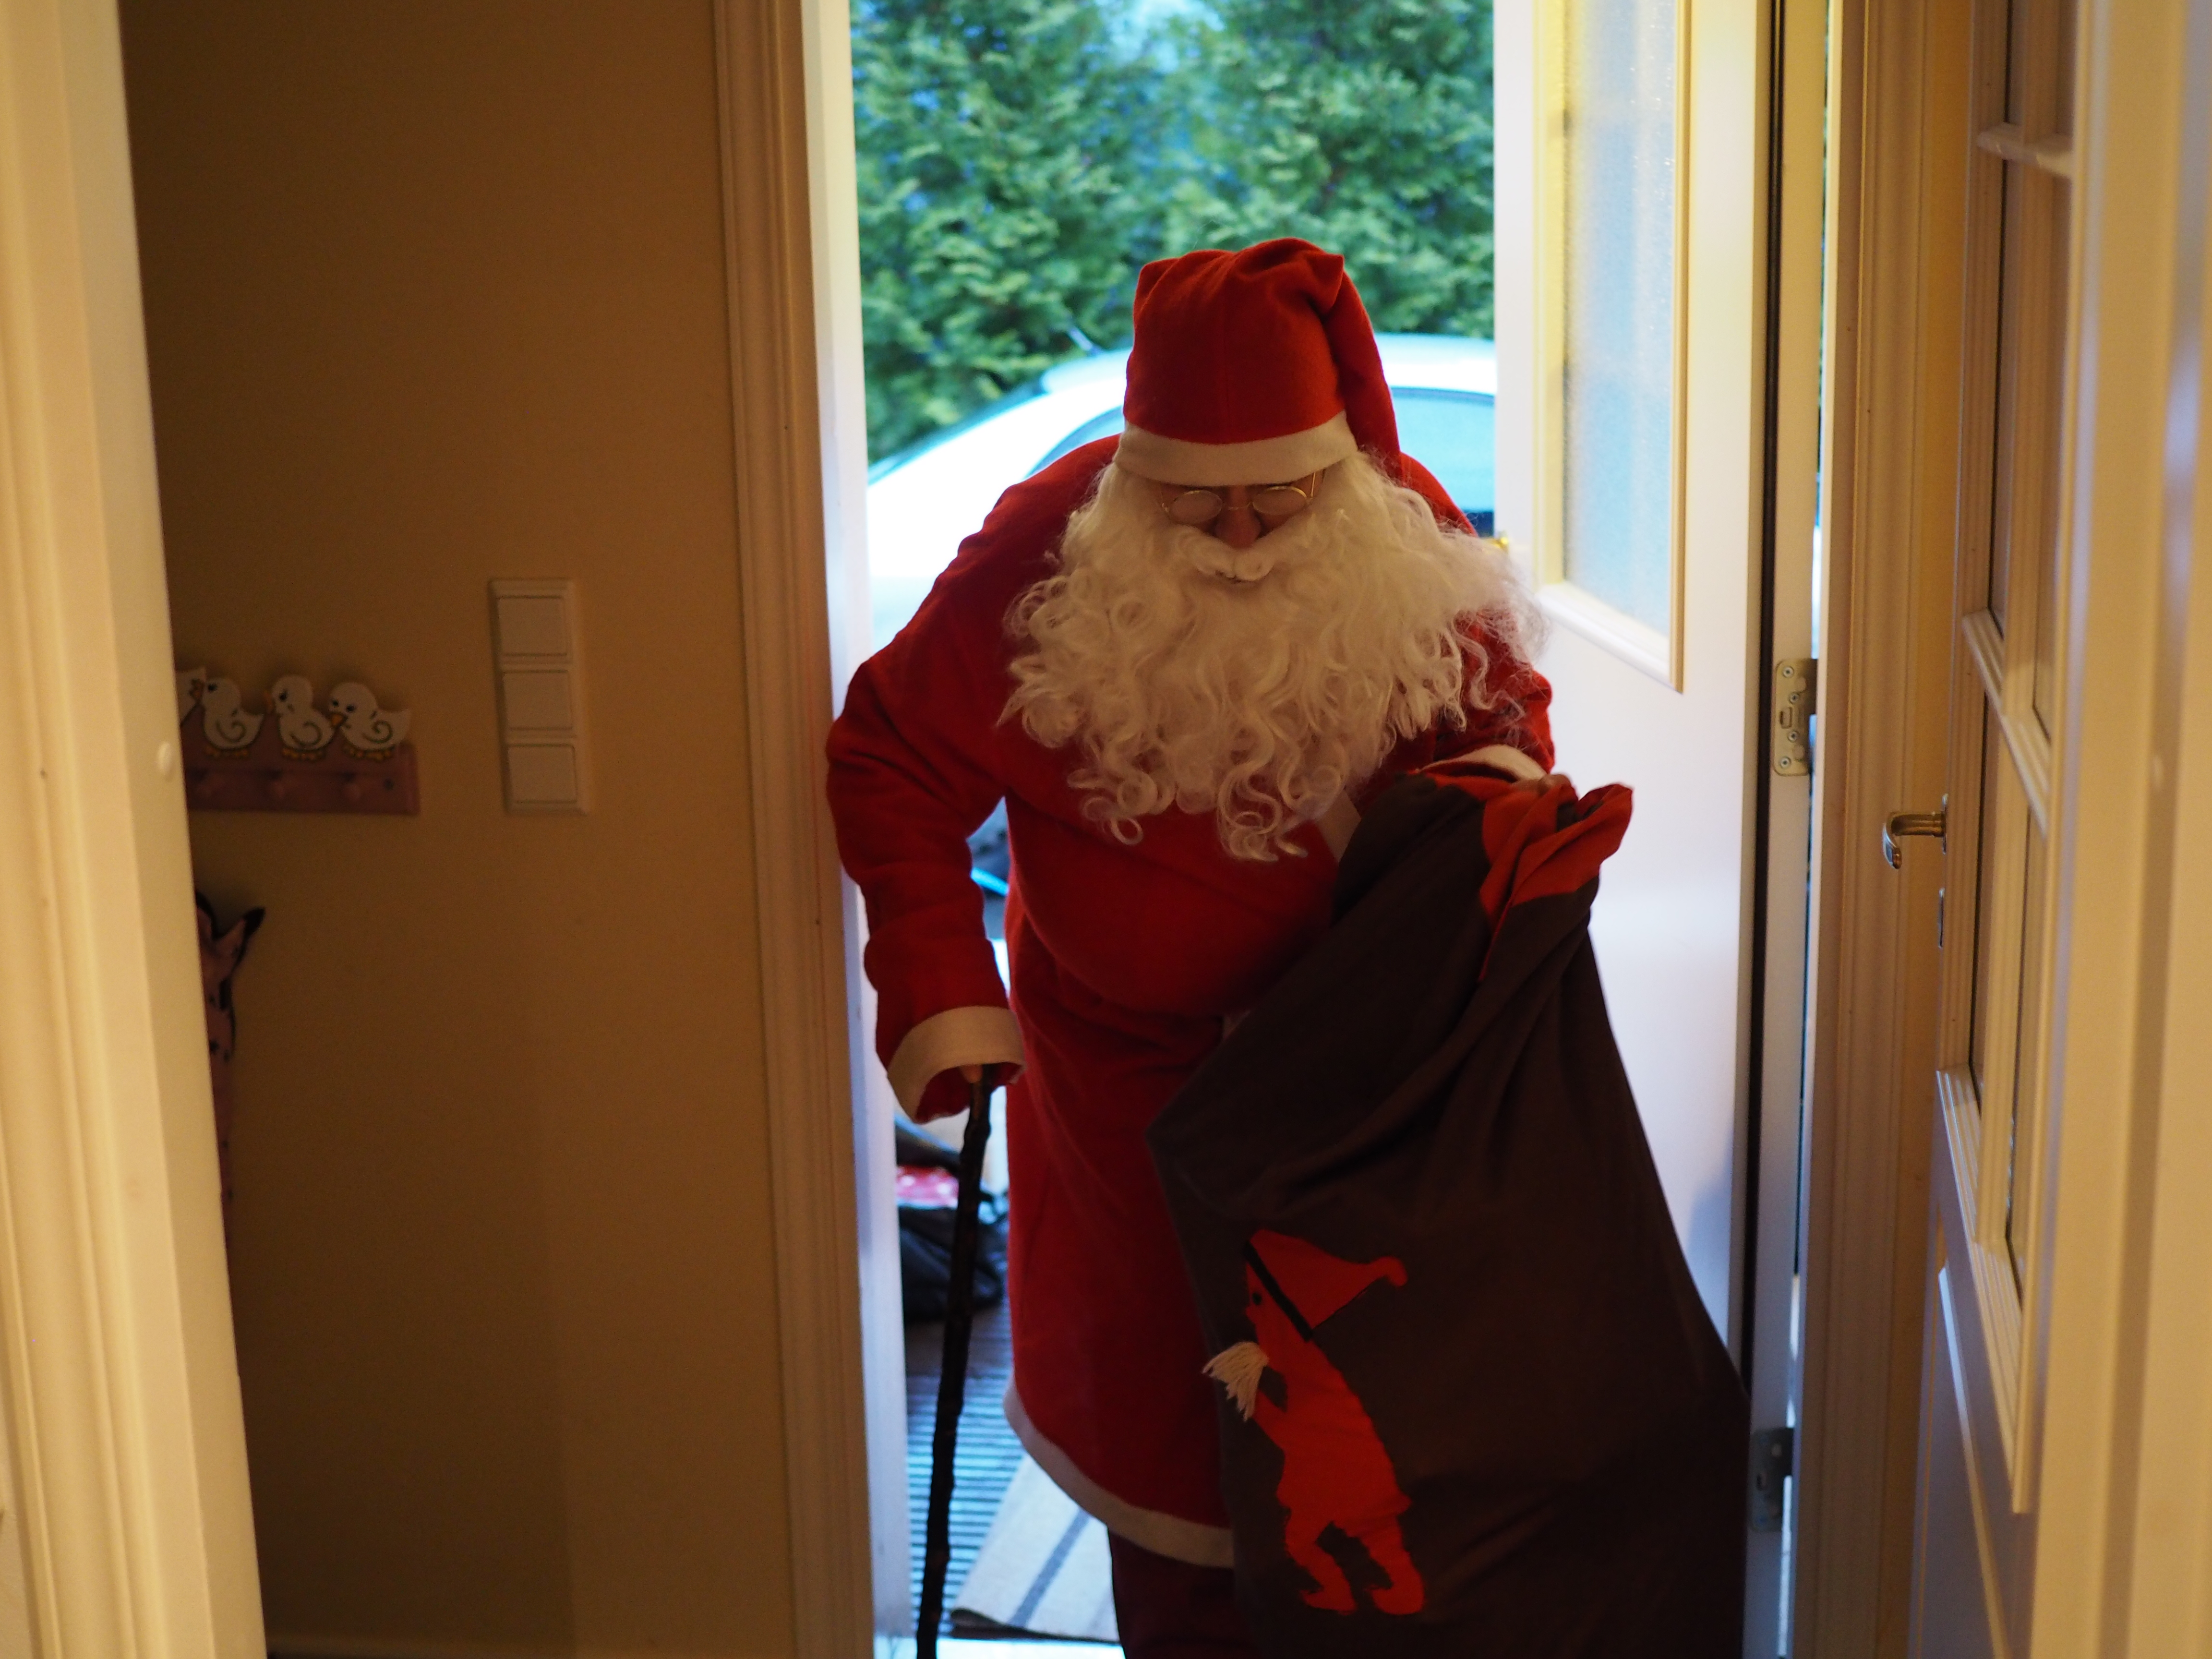 Sieltä se joulupukki tuli!